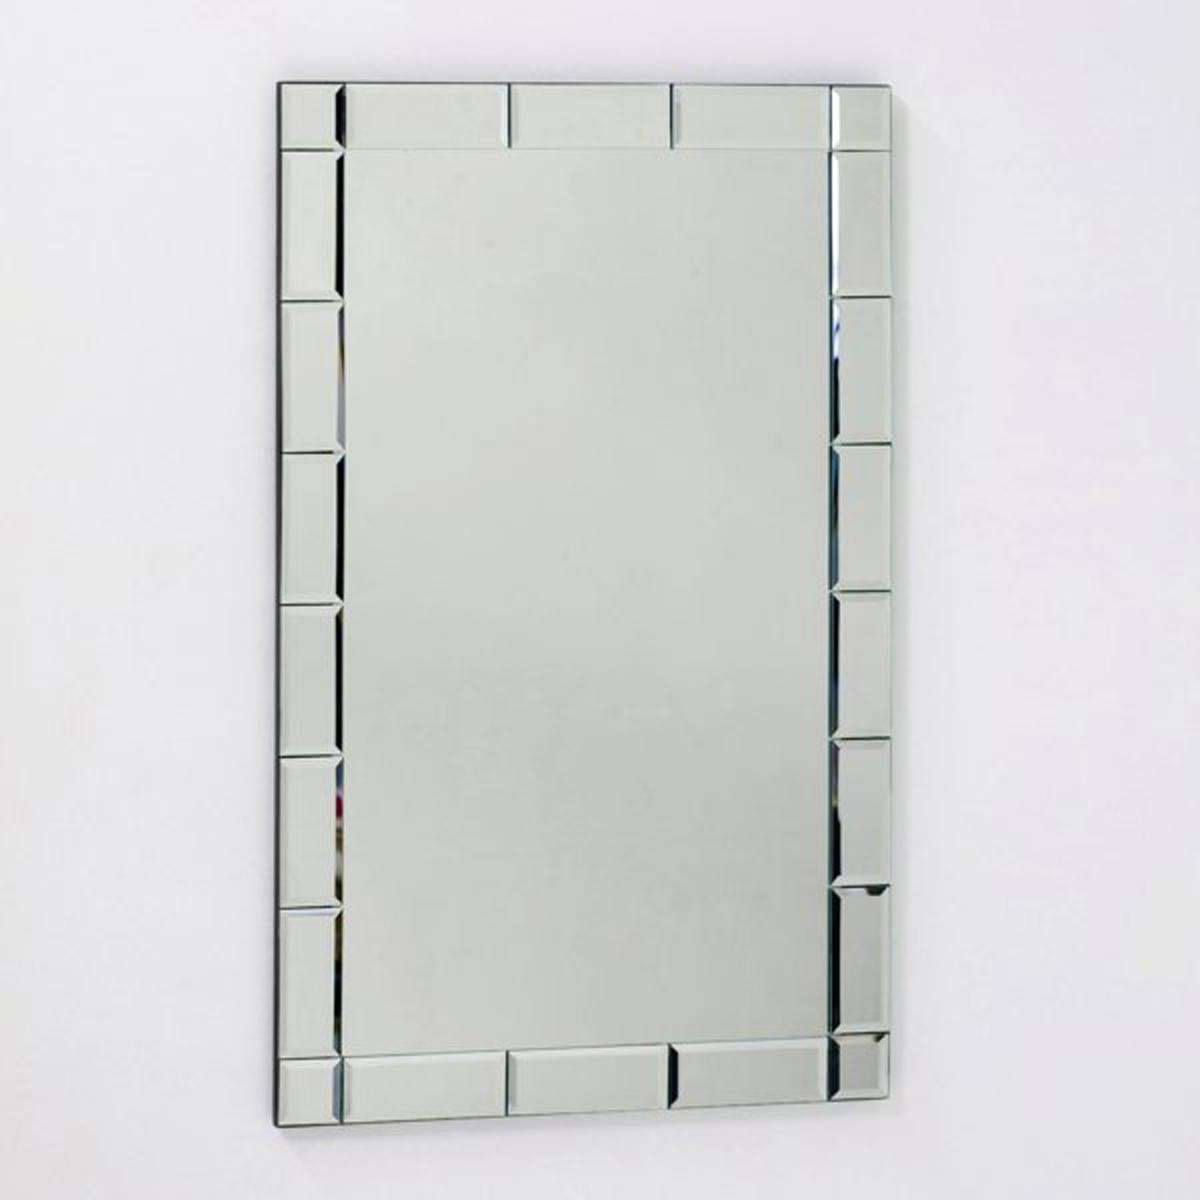 Зеркало настенное Astier, большая модель, Ш.50 x В.80 cм